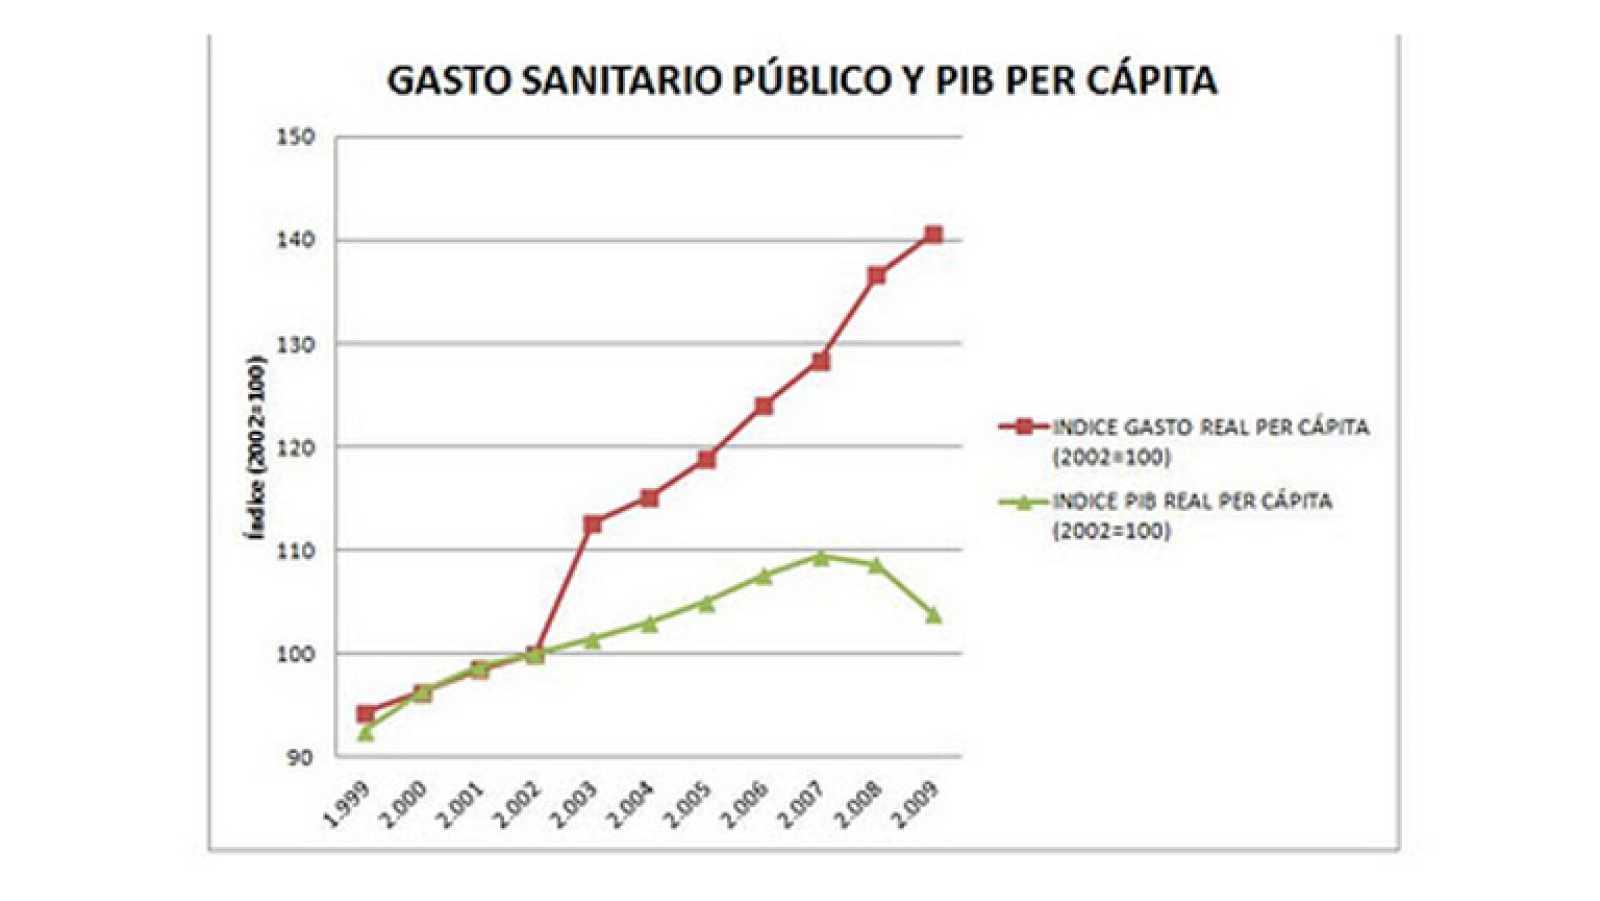 Evolución del gasto sanitario y del PIB